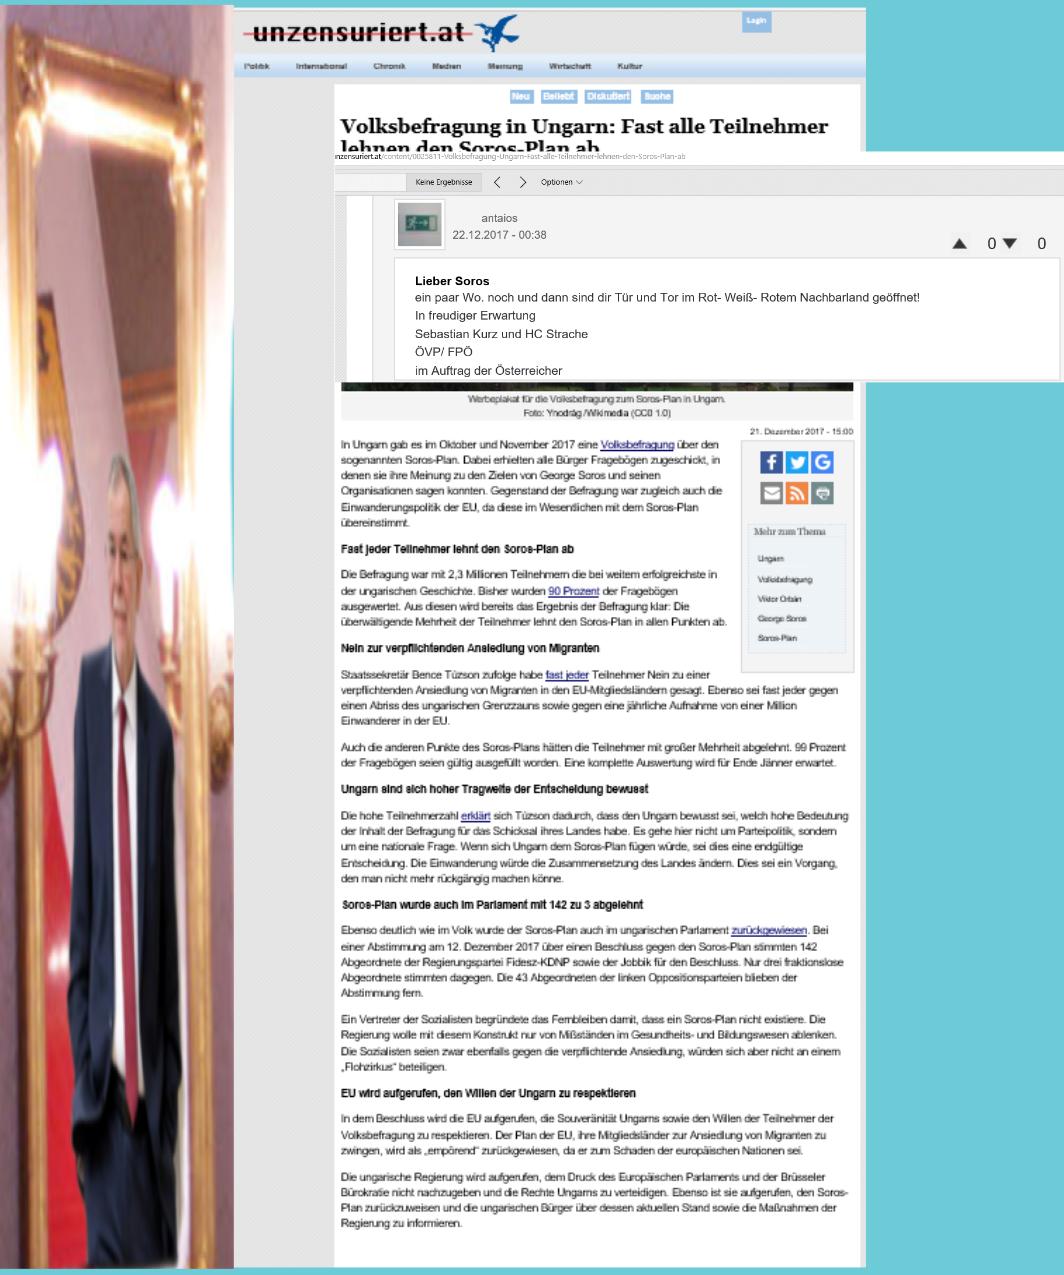 ÖVP FPÖ Regierung - Antisemitismus-Befragung in Ungarn gesinnungsgemäß kommentiert von FPÖ unzensuriert 21-12-2017